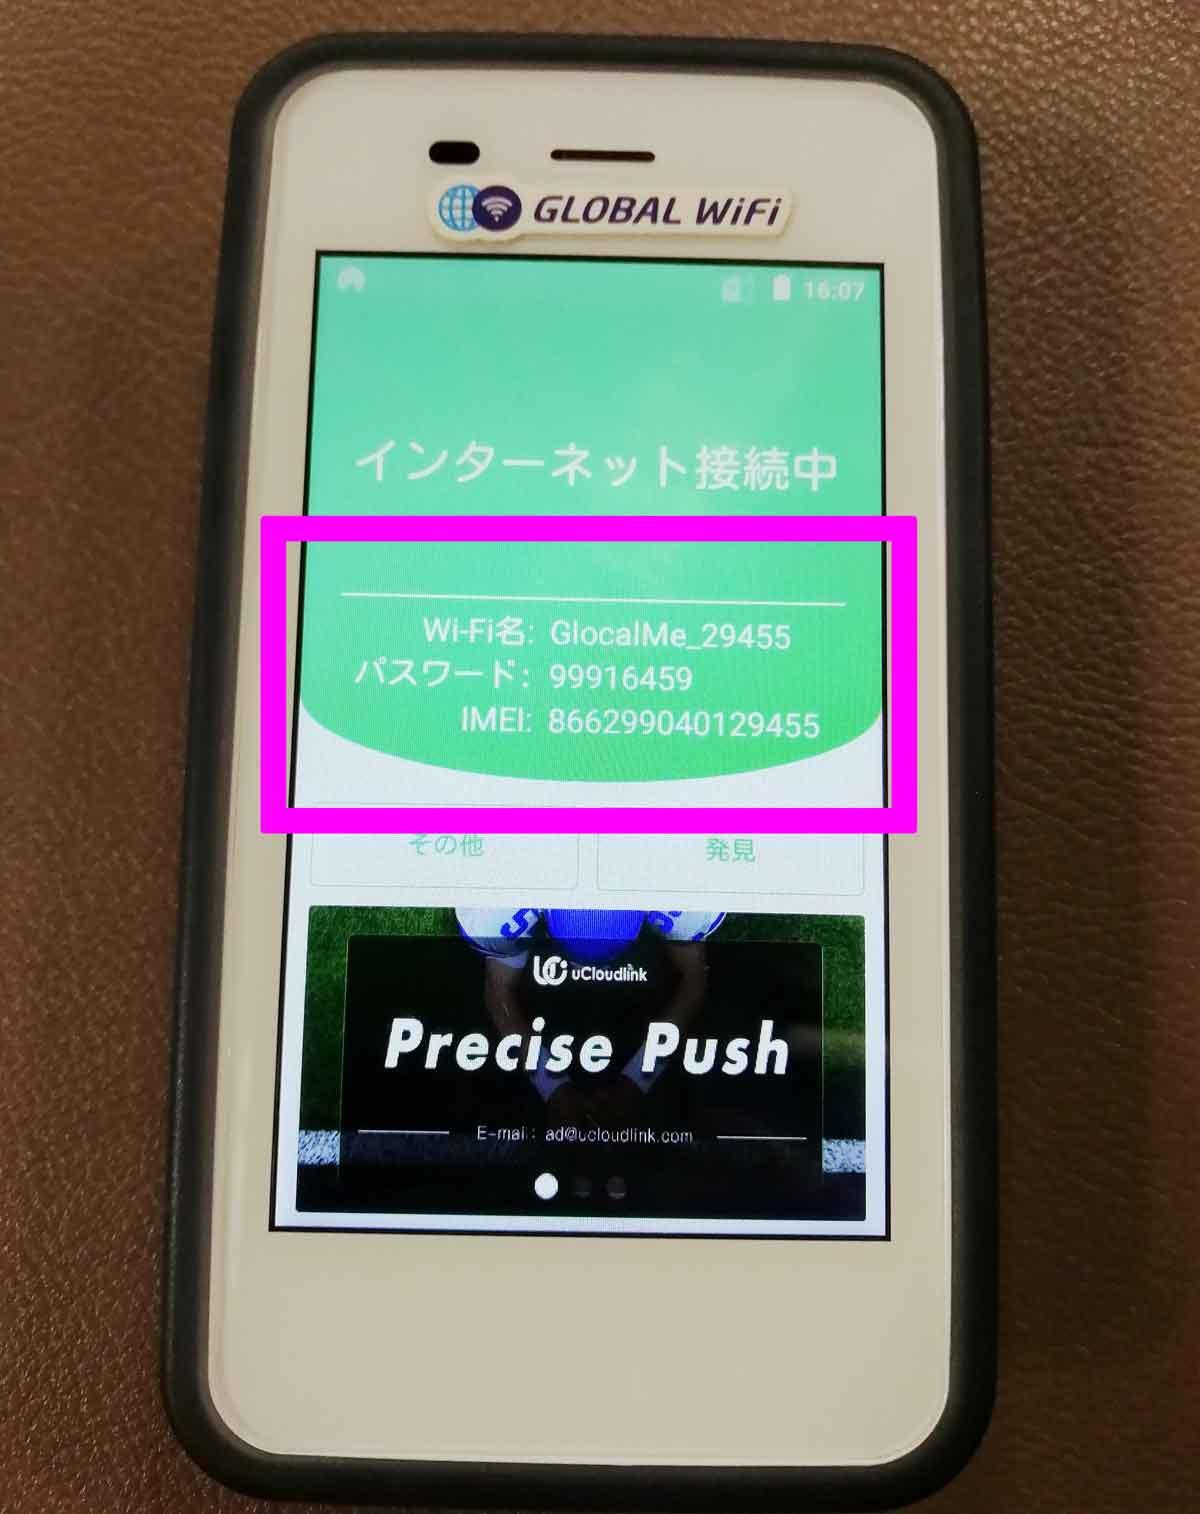 画面に表示されたWi-Fi名とパスワード